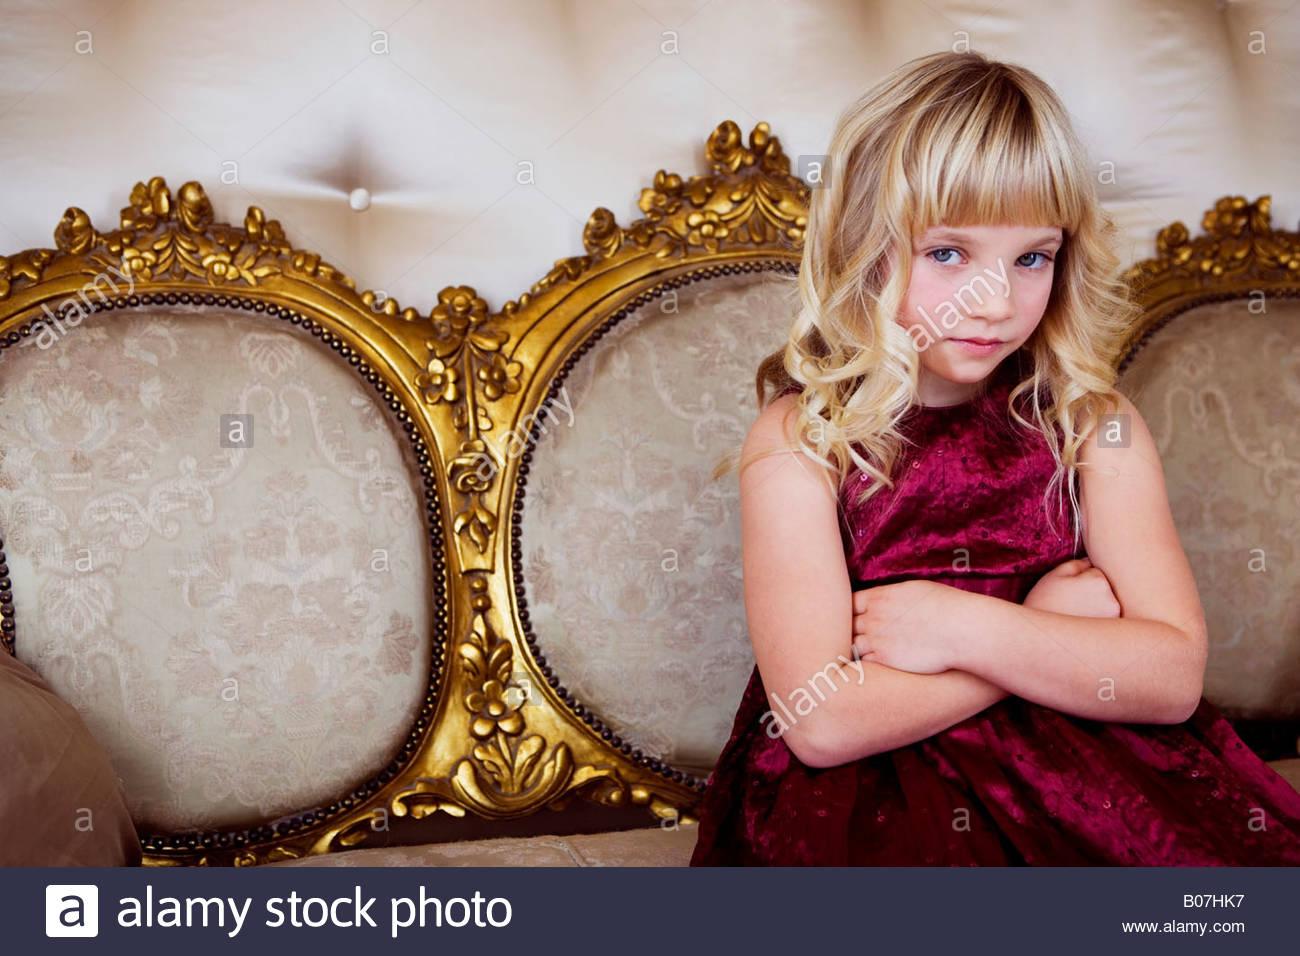 Wunderbar Junge Mädchen Parteikleider Fotos - Brautkleider Ideen ...